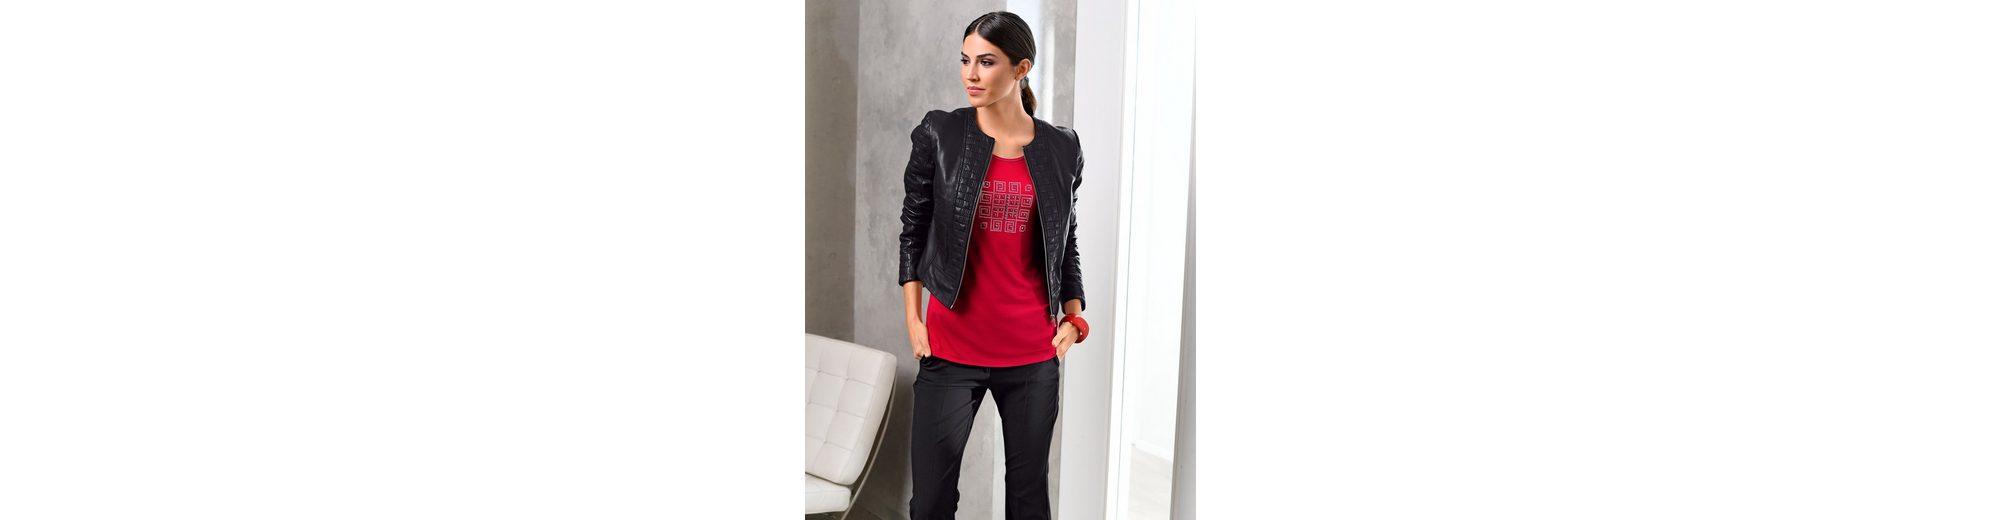 Verkauf Neuesten Kollektionen Alba Moda Lederjacke mit aufwendigen Ziersteppungen Rabatt Großhandel nEvXVtlNq